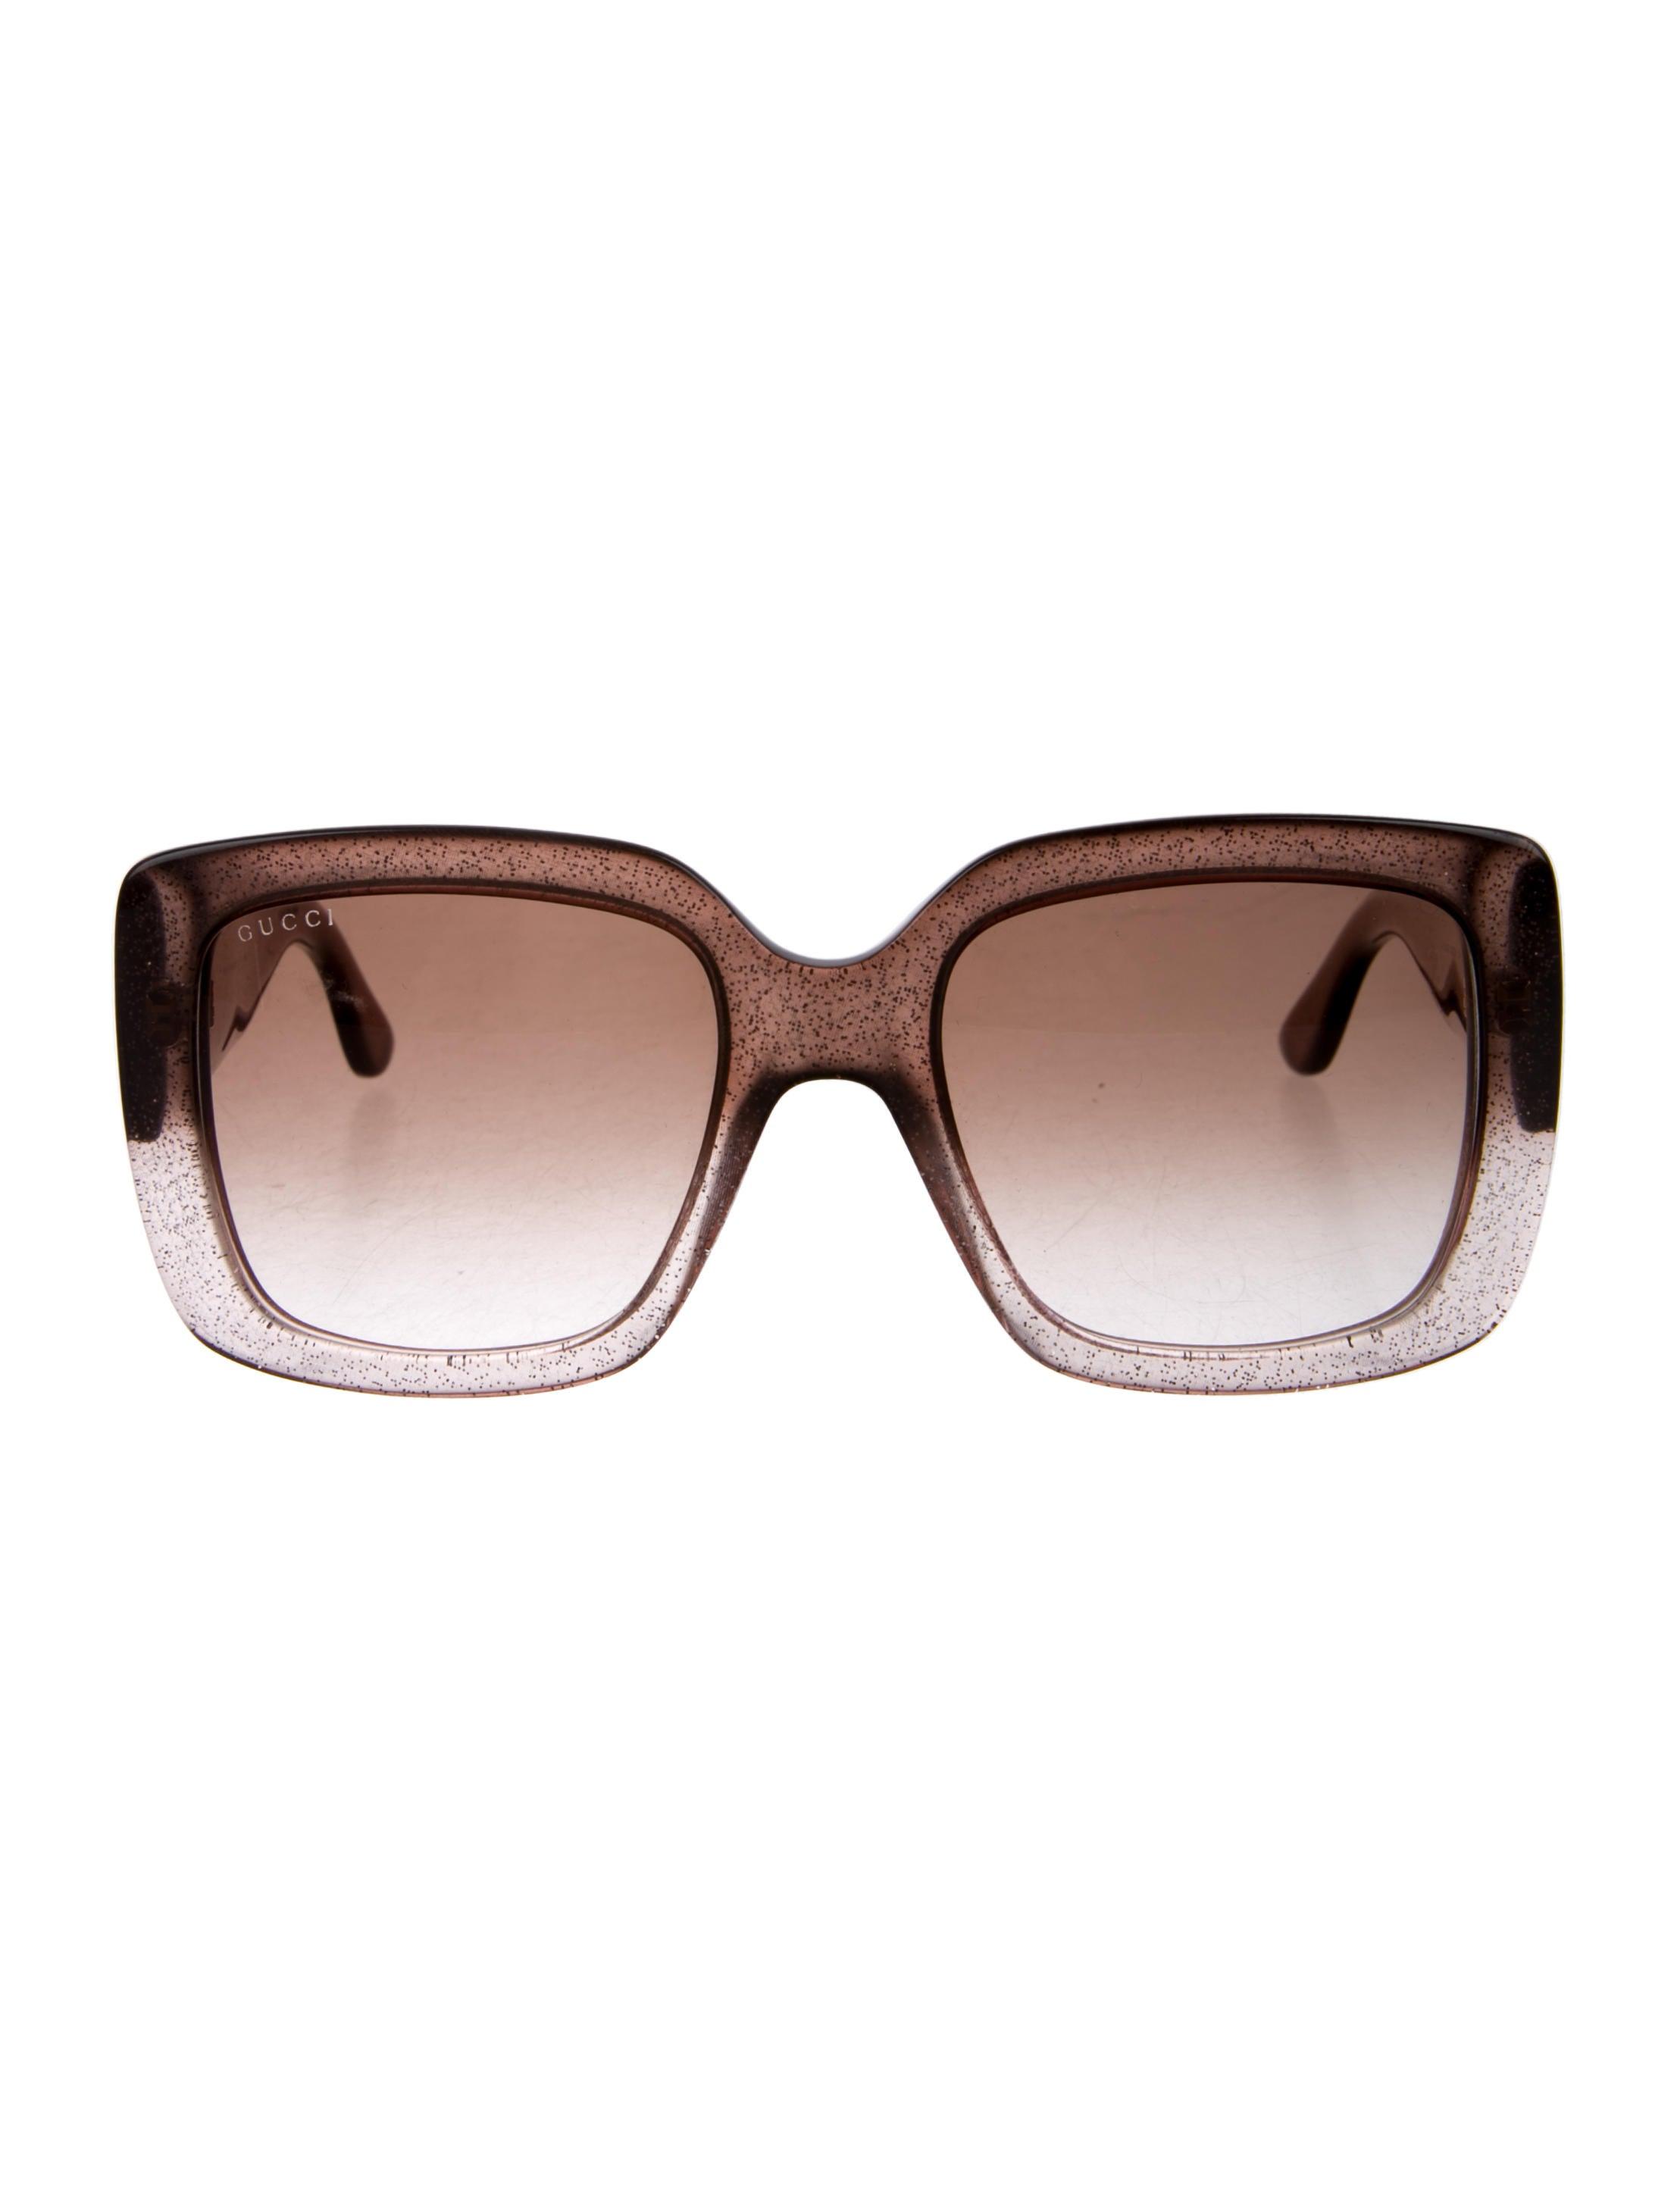 967a69e8c06 Gucci Glitter Colorblock Sunglasses - Accessories - GUC218702